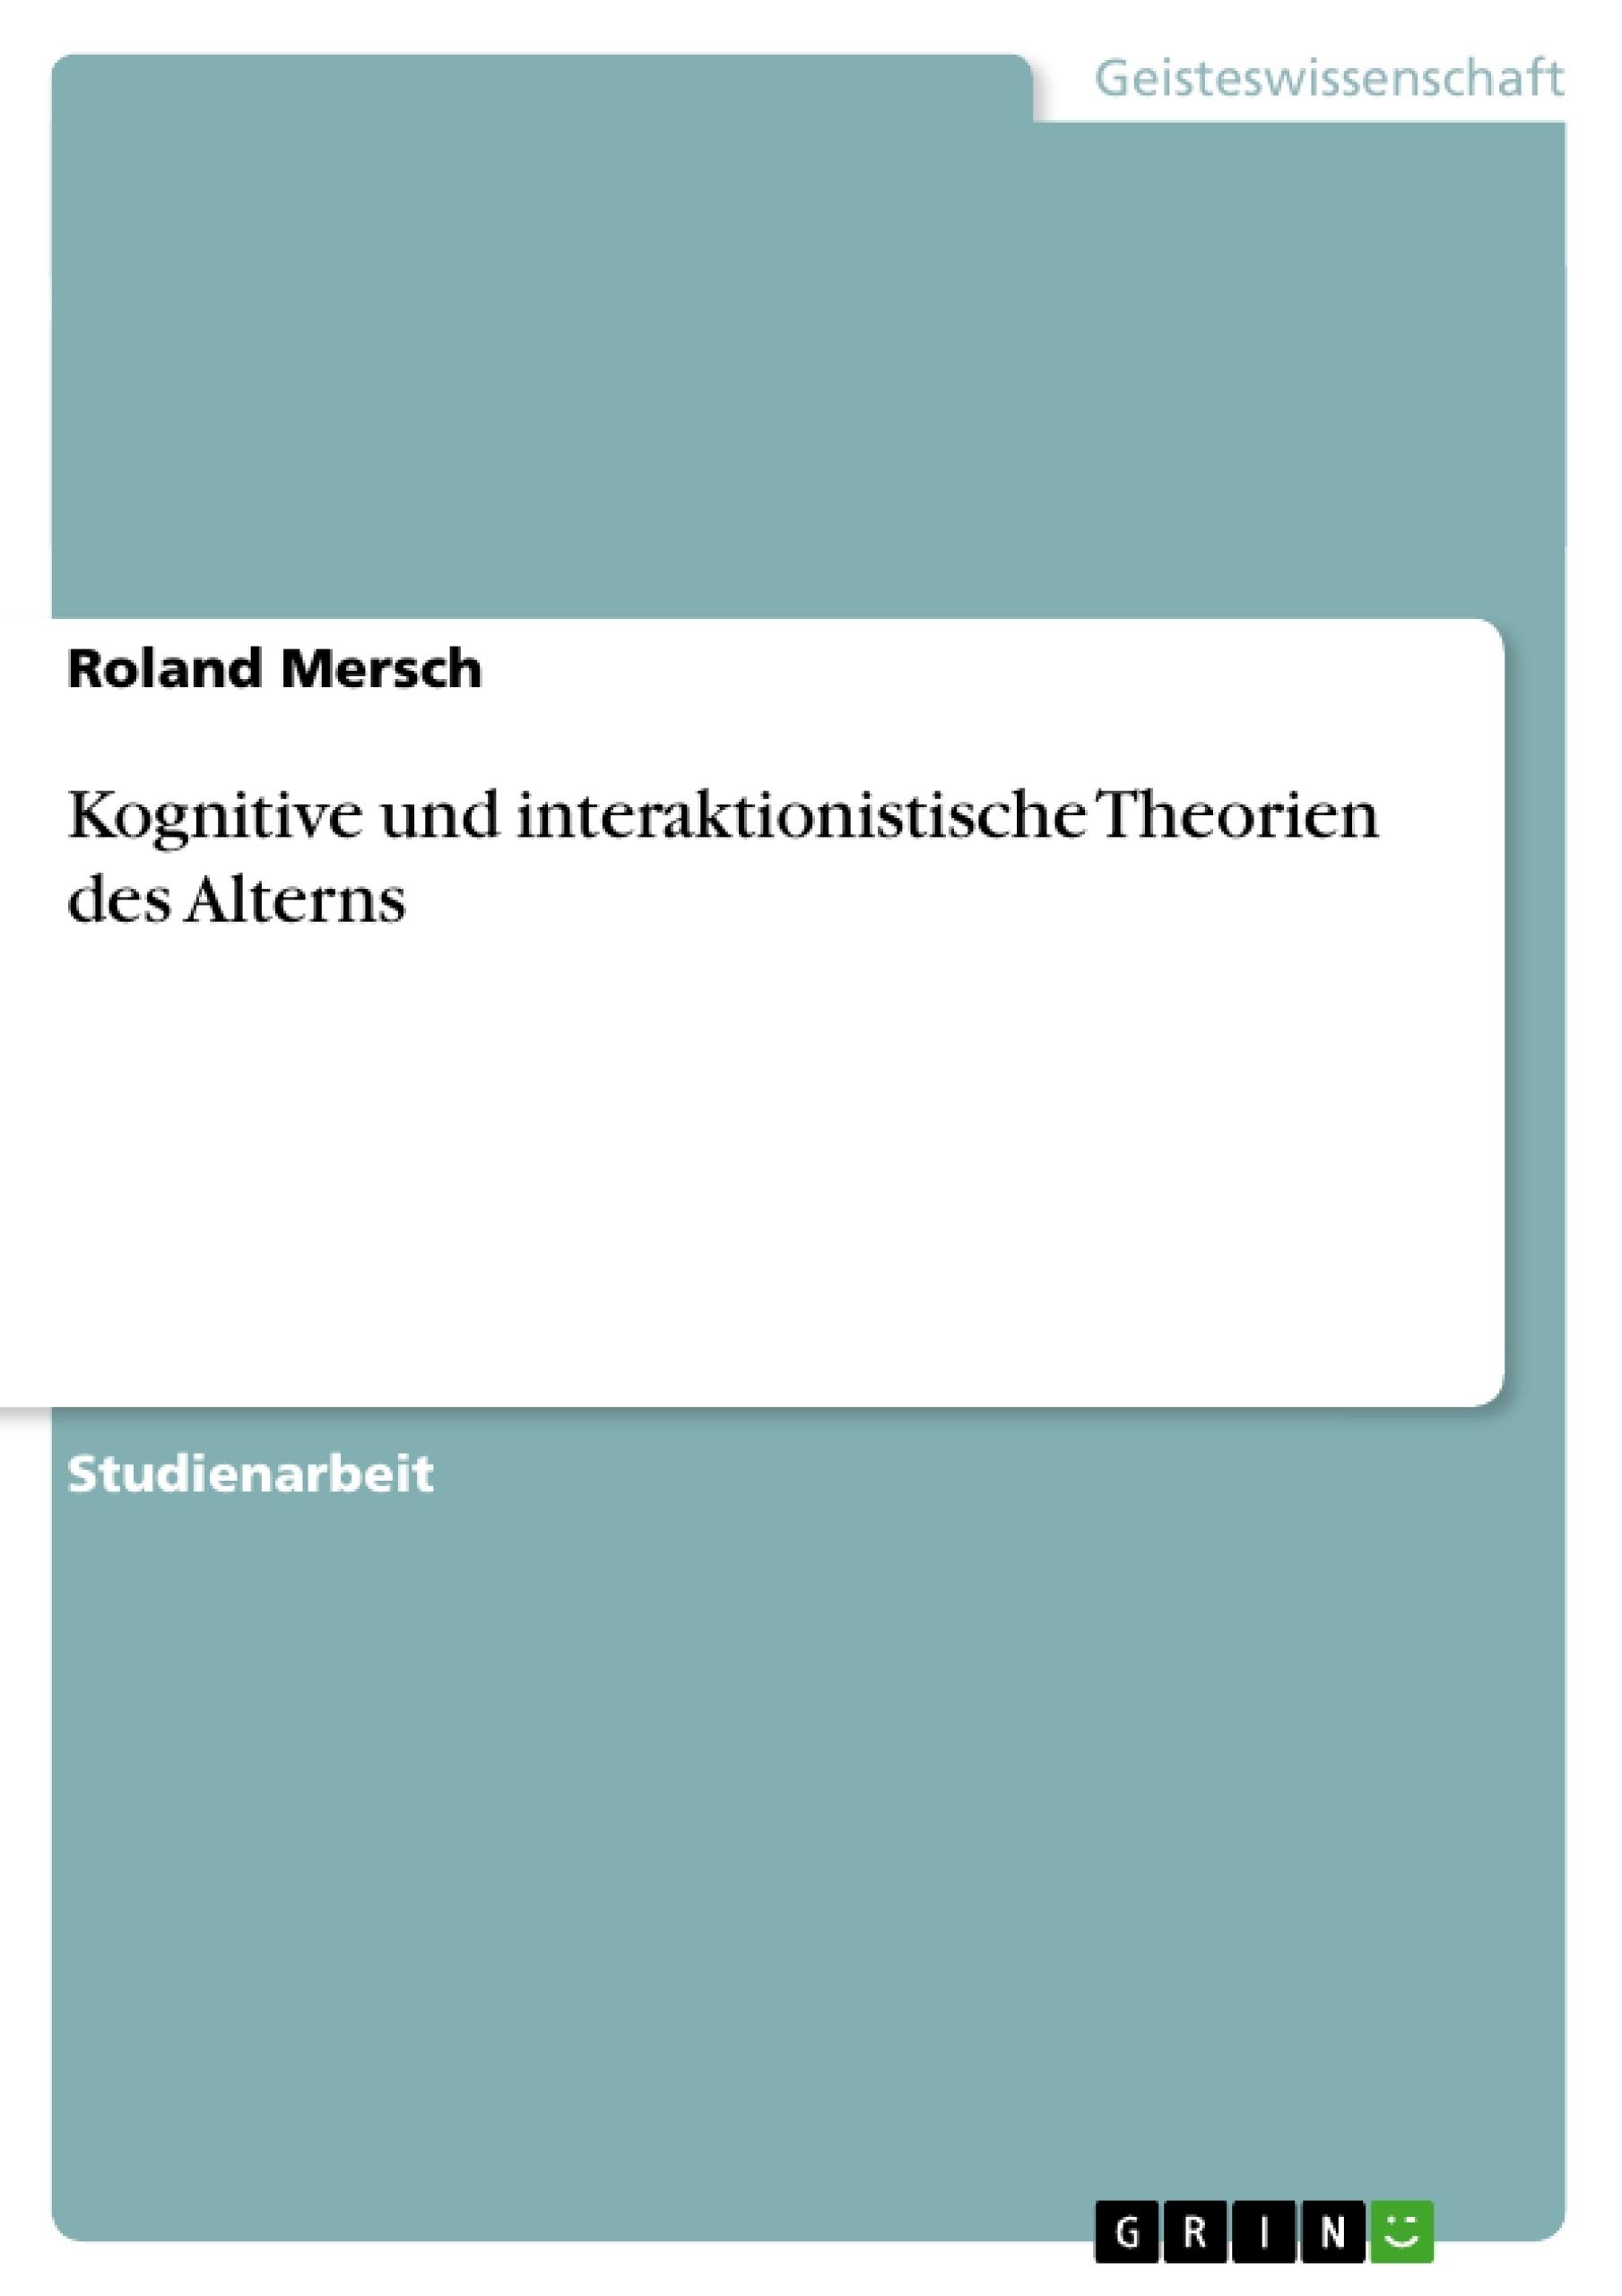 Titel: Kognitive und  interaktionistische Theorien des Alterns